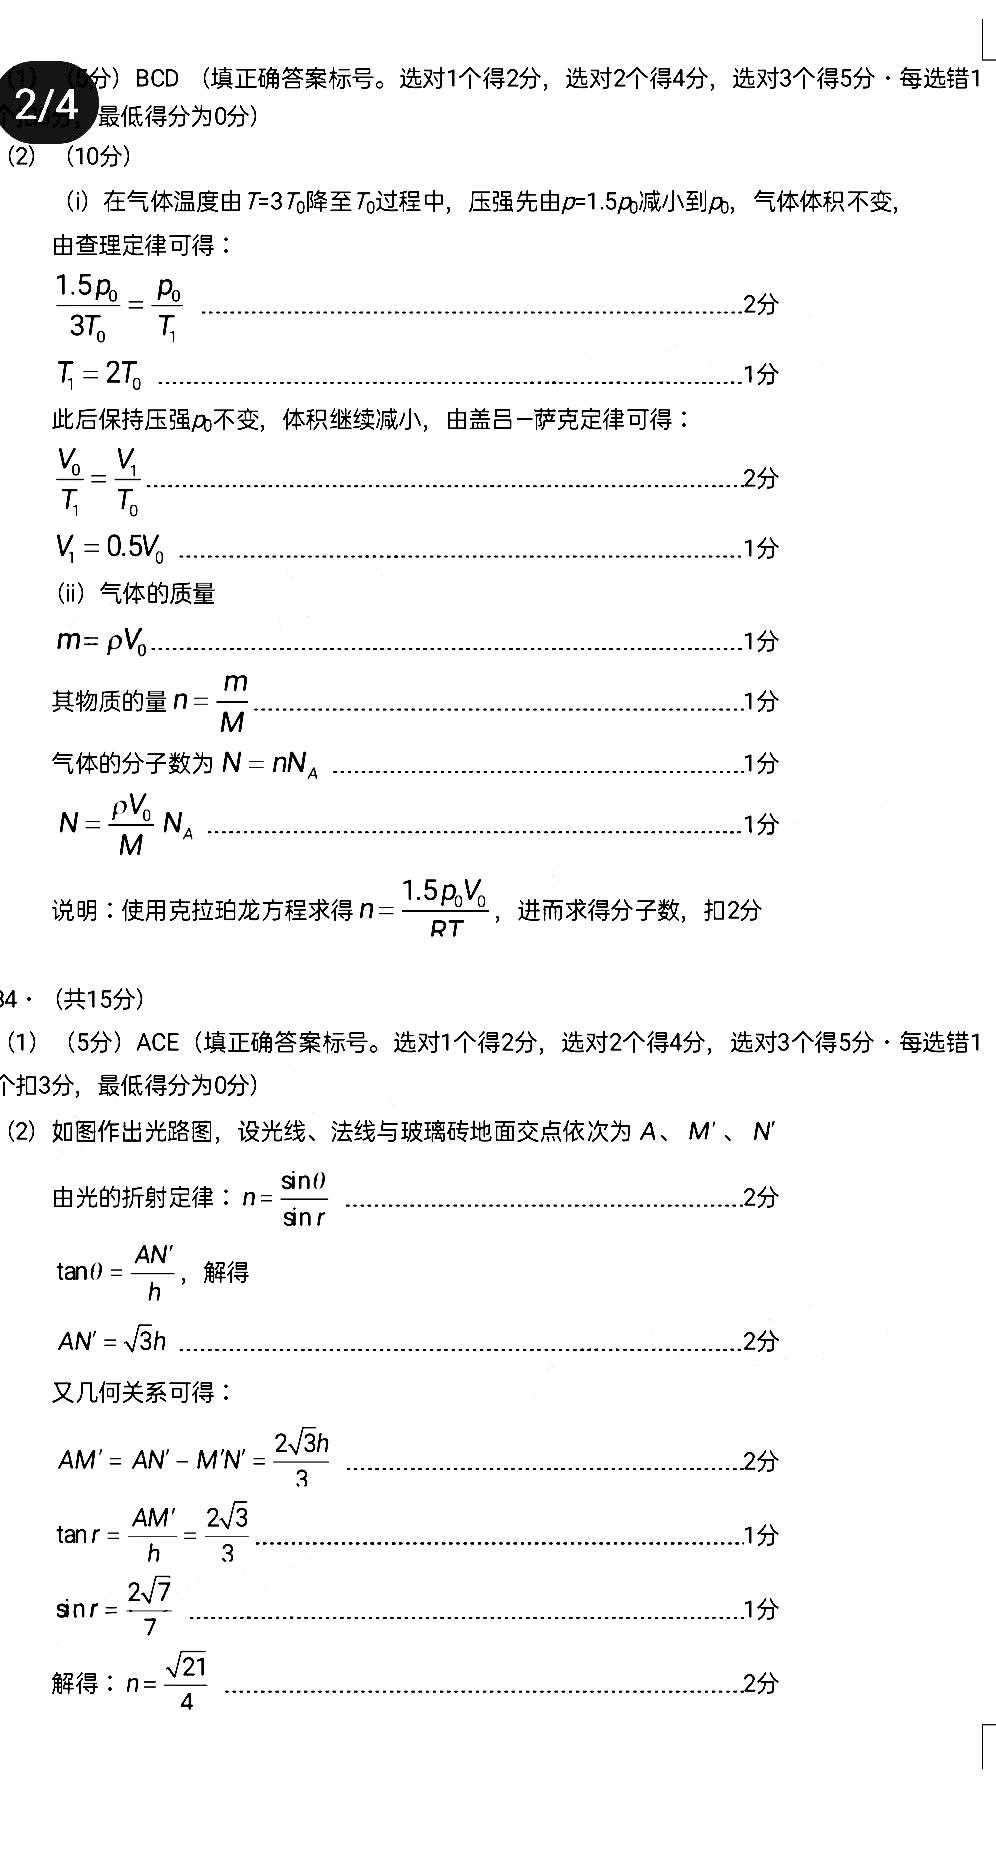 2021广西柳州一模高三物理试卷答案解析图3